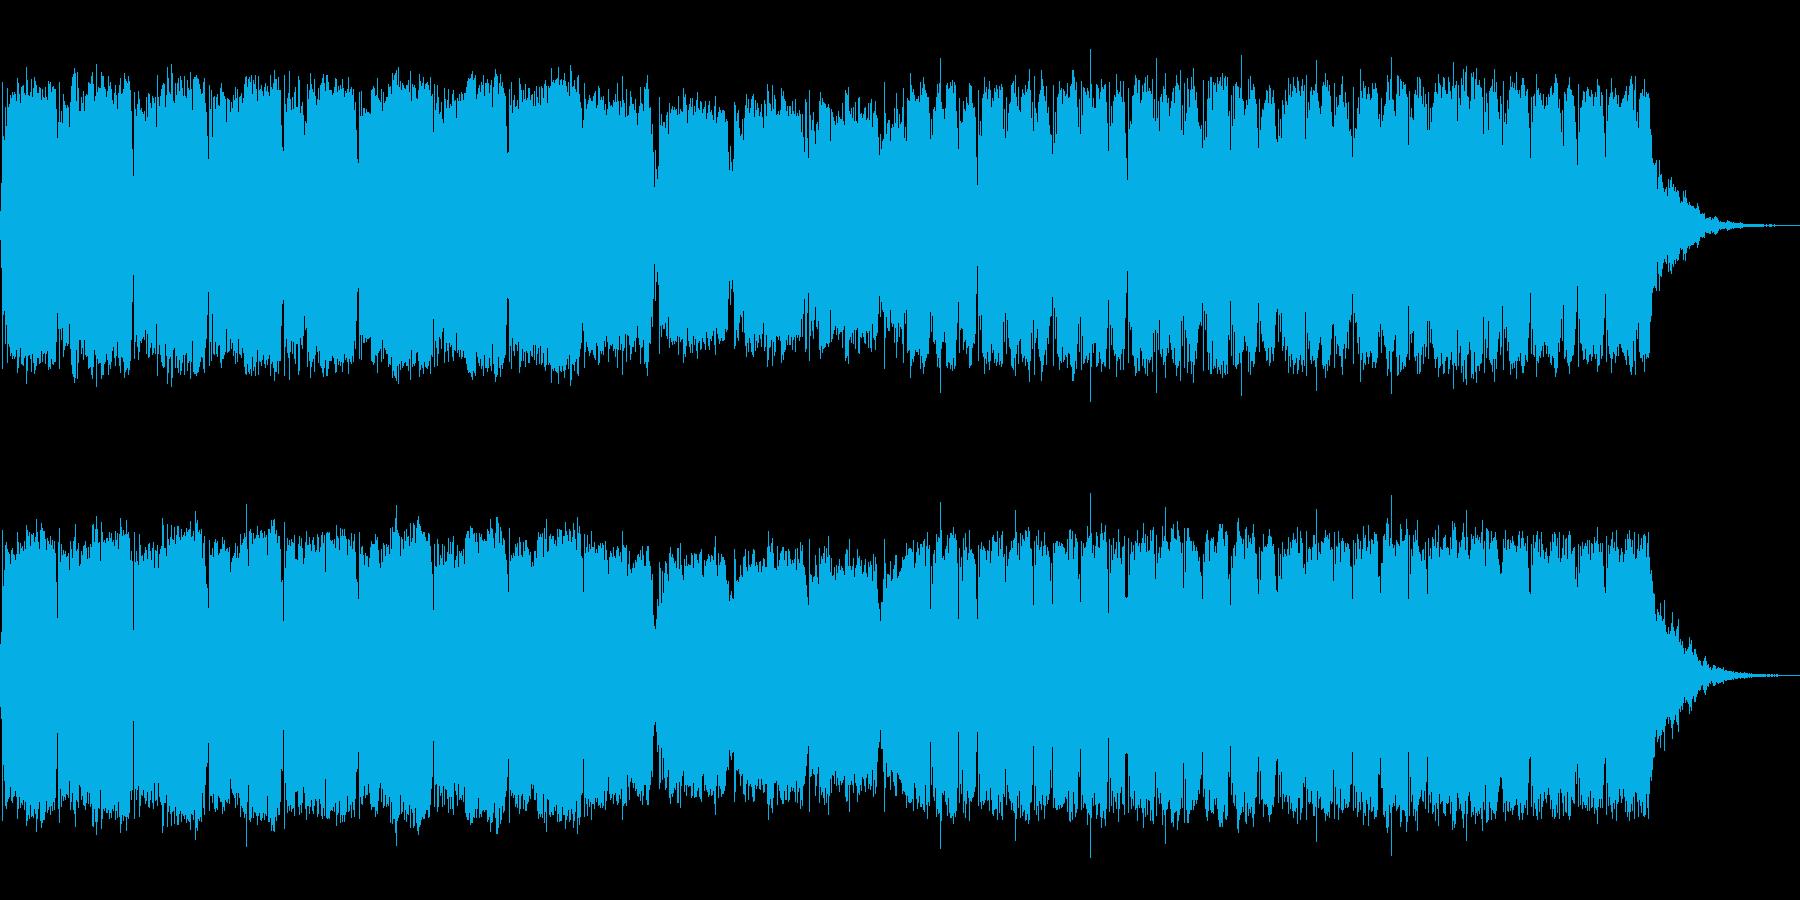 シンセによる元気の出る一曲の再生済みの波形